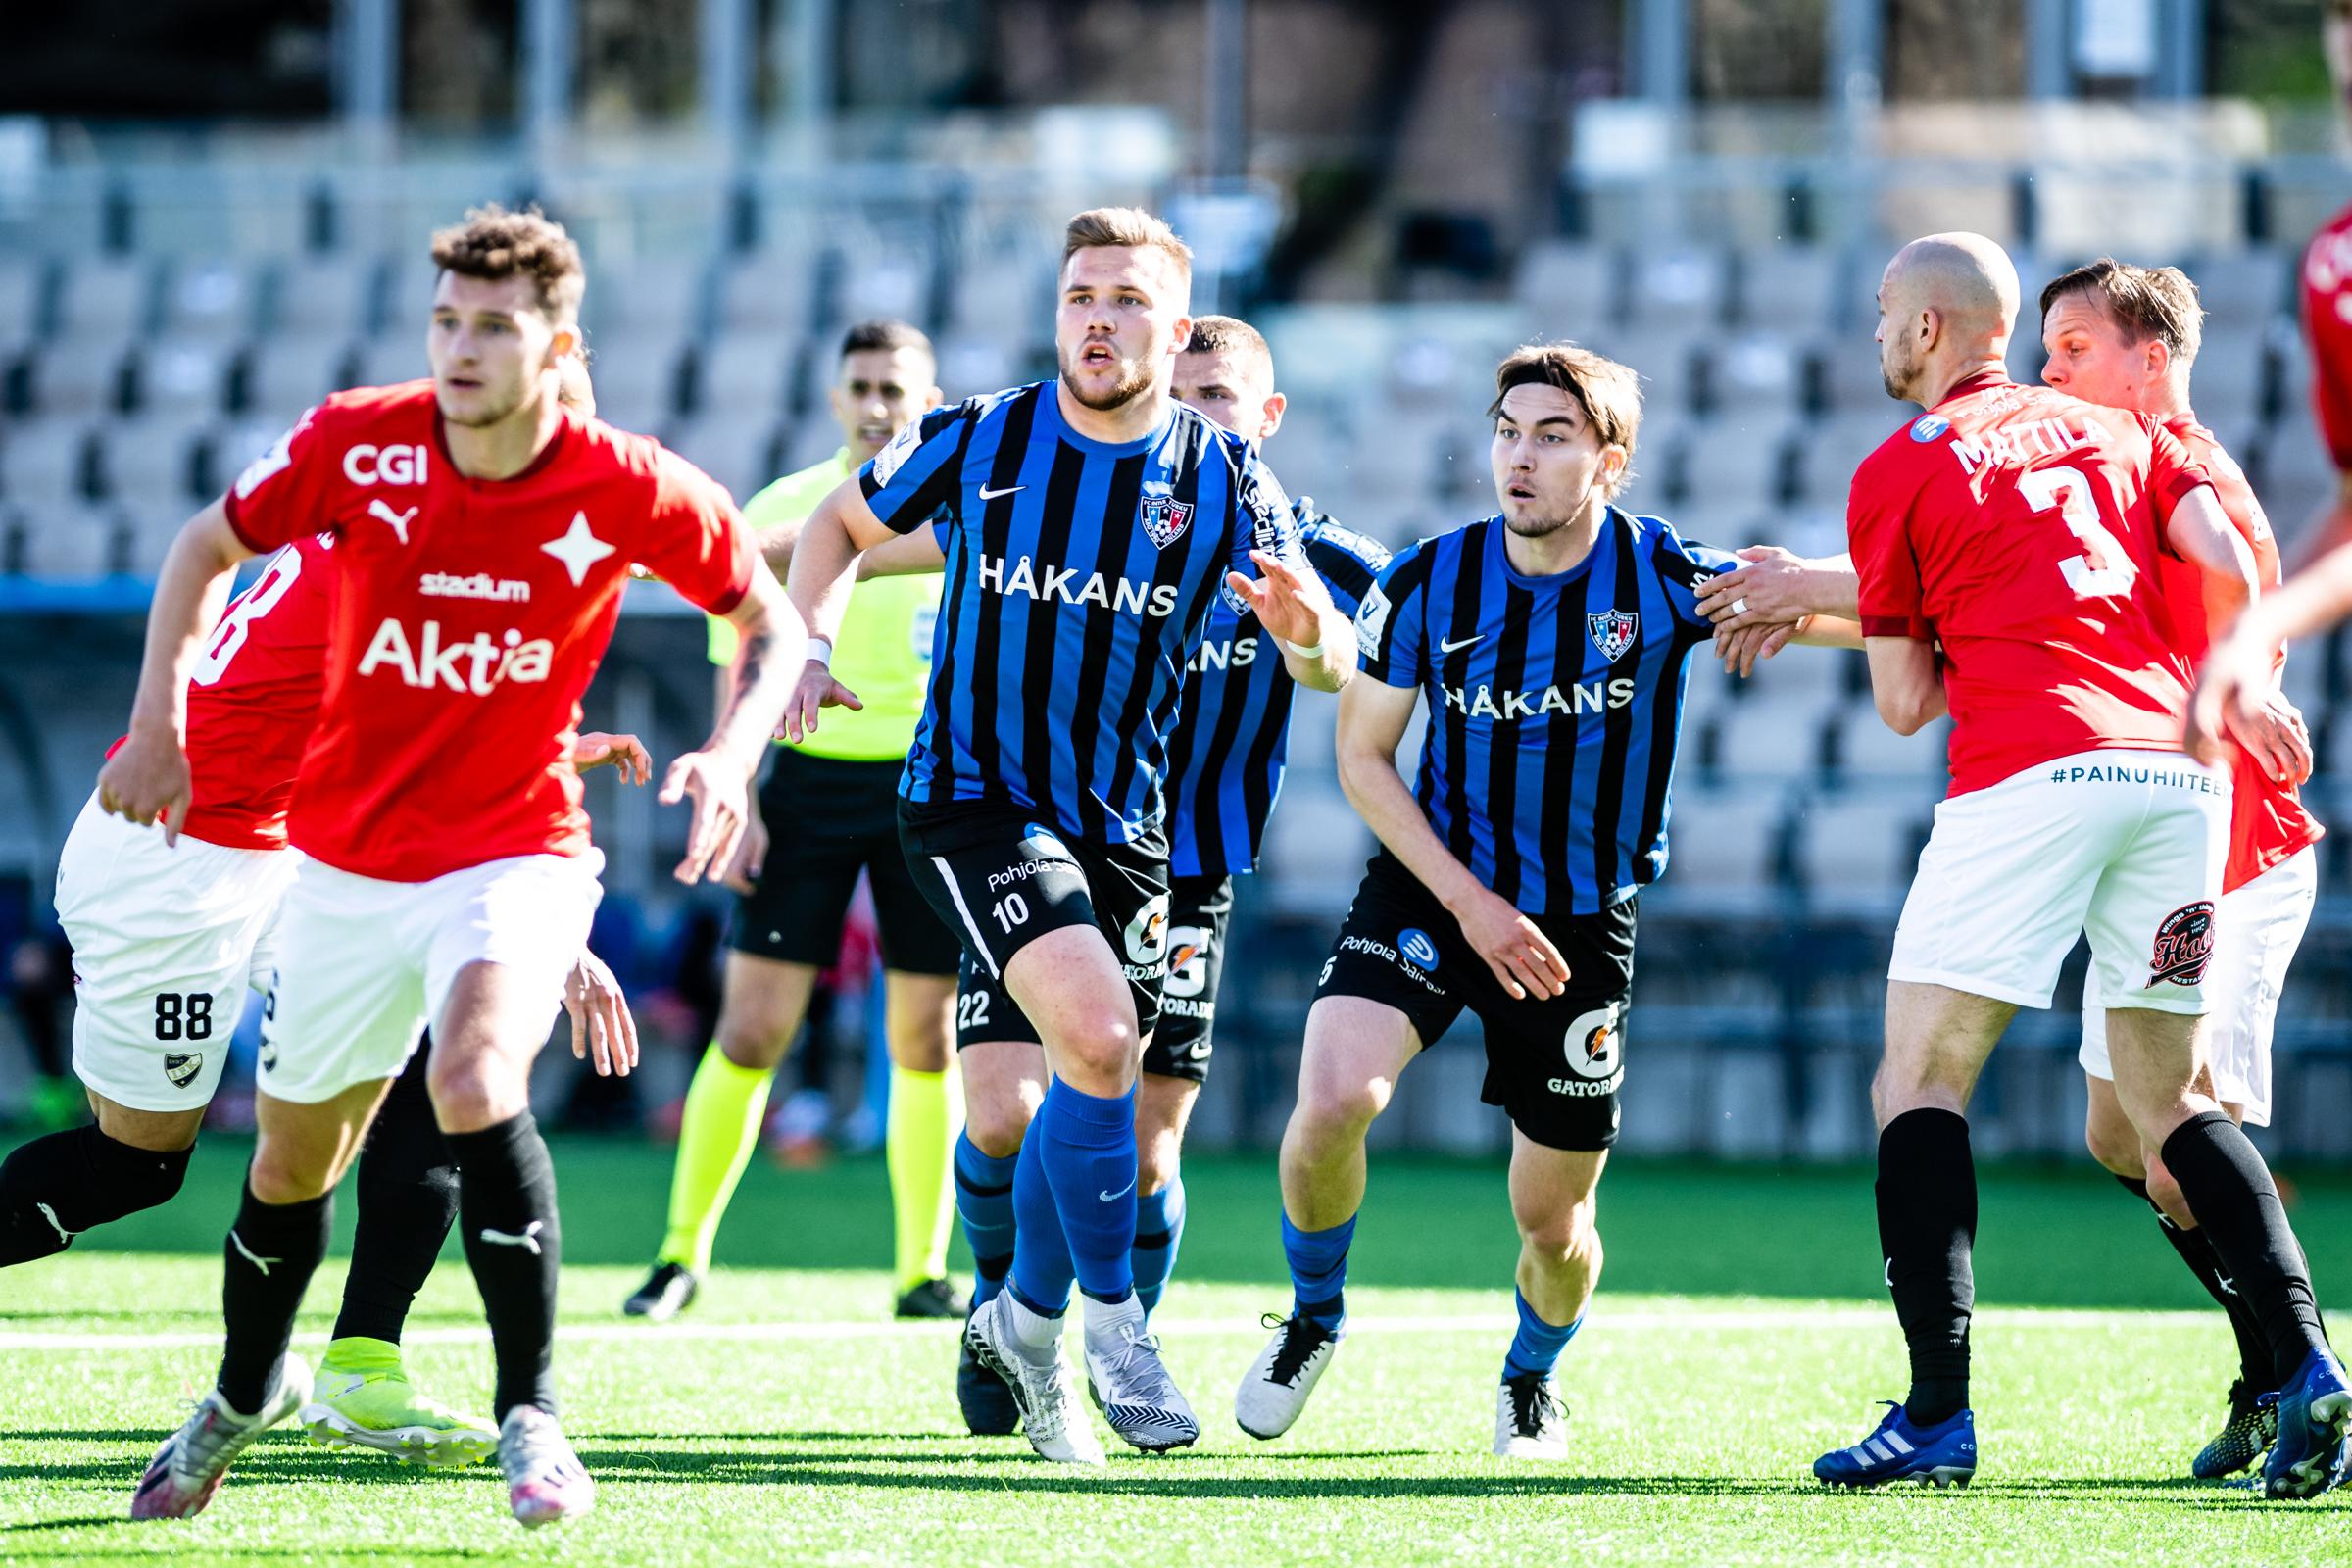 HIFK inledde mästerskapsserien med förlust borta mot Inter